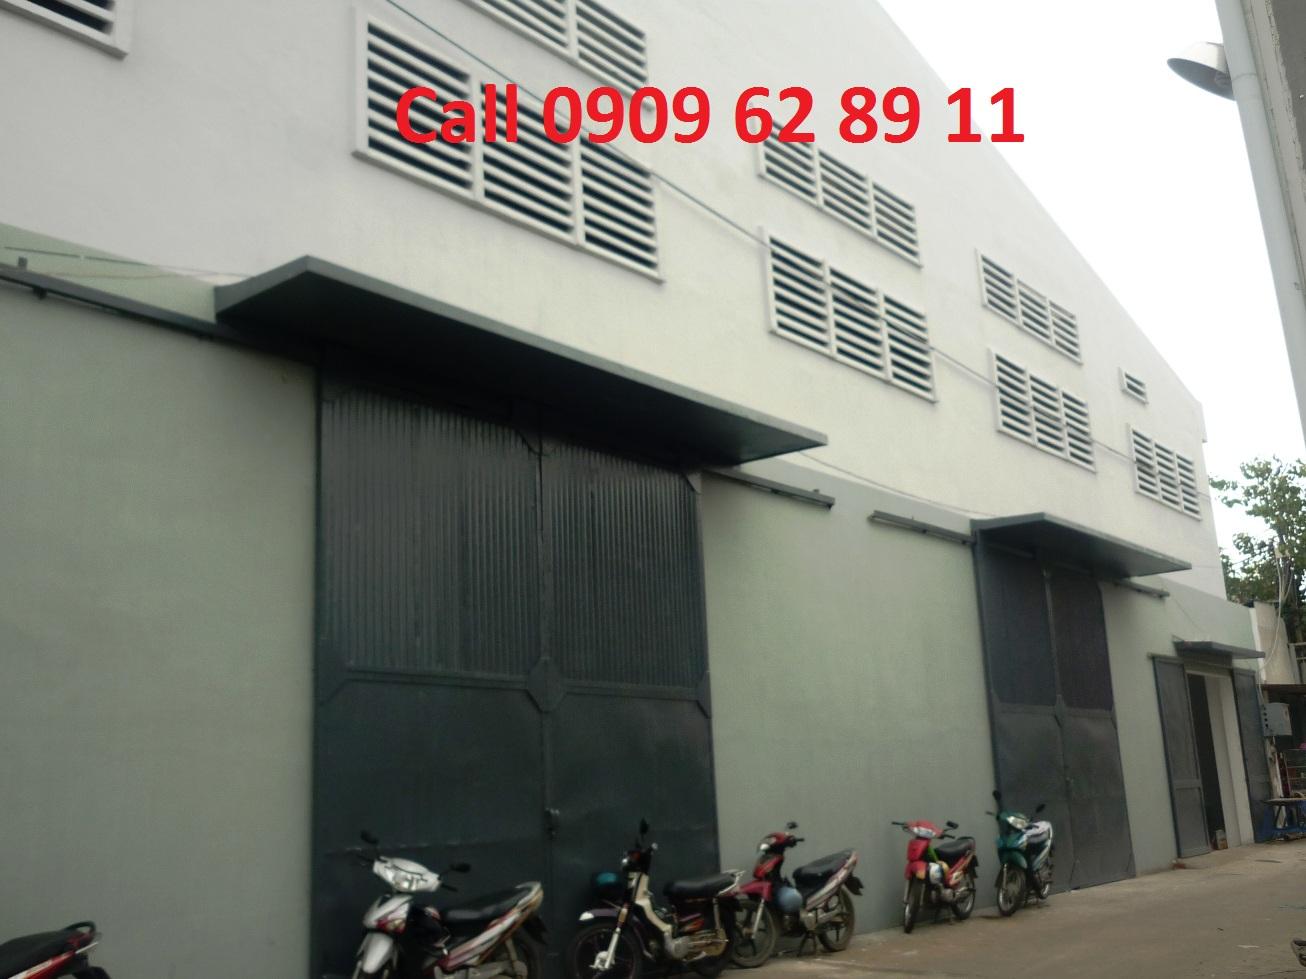 thue kho xuong 1000m2, 1200m2 Nguyen Tat Thanh gan Hoang Dieu, Quan 4